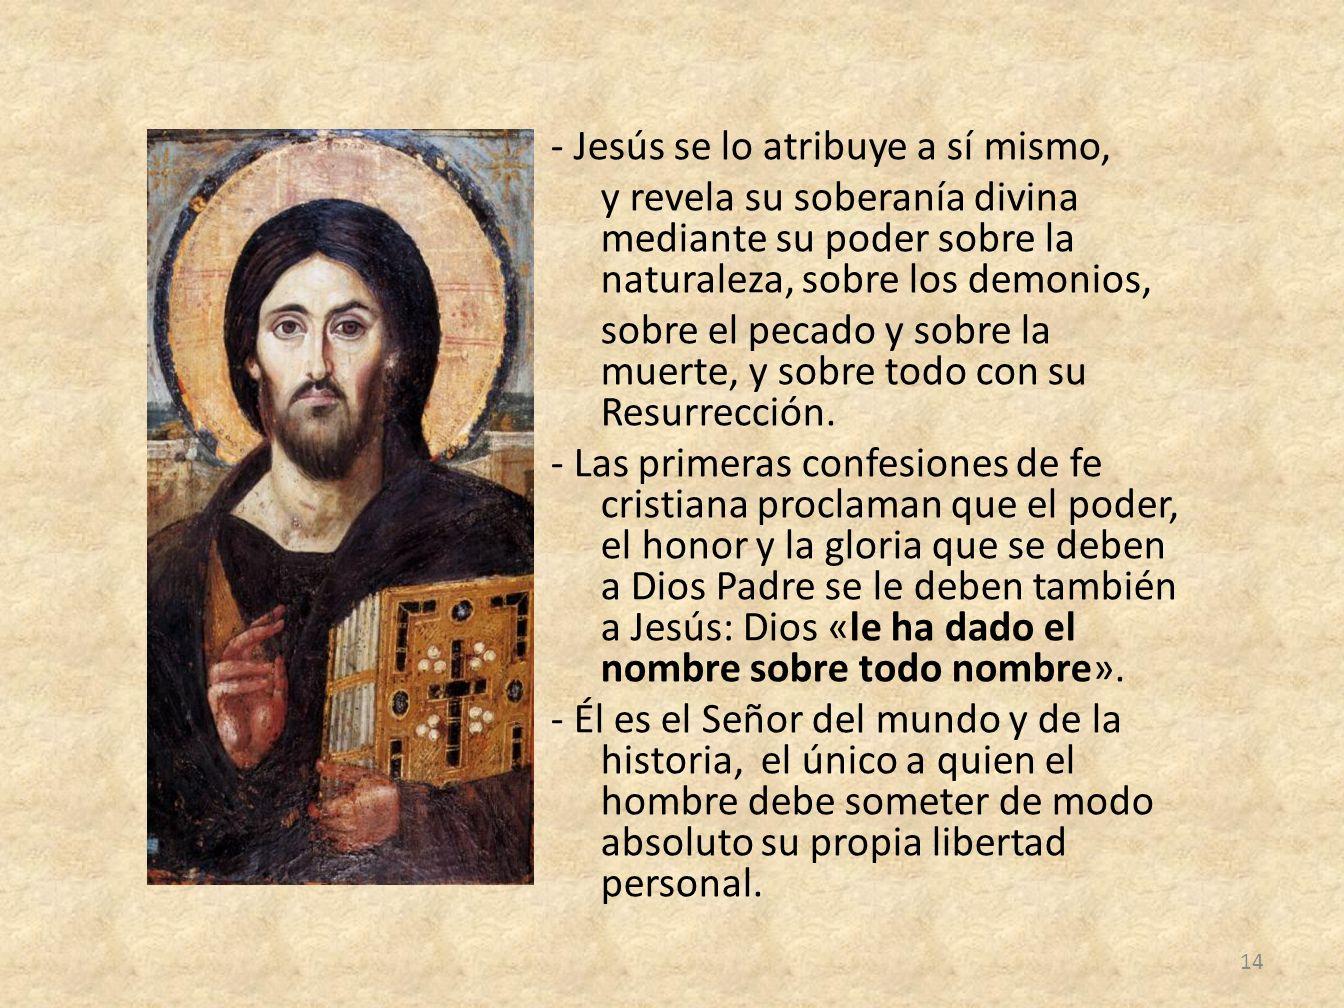 - Jesús se lo atribuye a sí mismo, y revela su soberanía divina mediante su poder sobre la naturaleza, sobre los demonios, sobre el pecado y sobre la